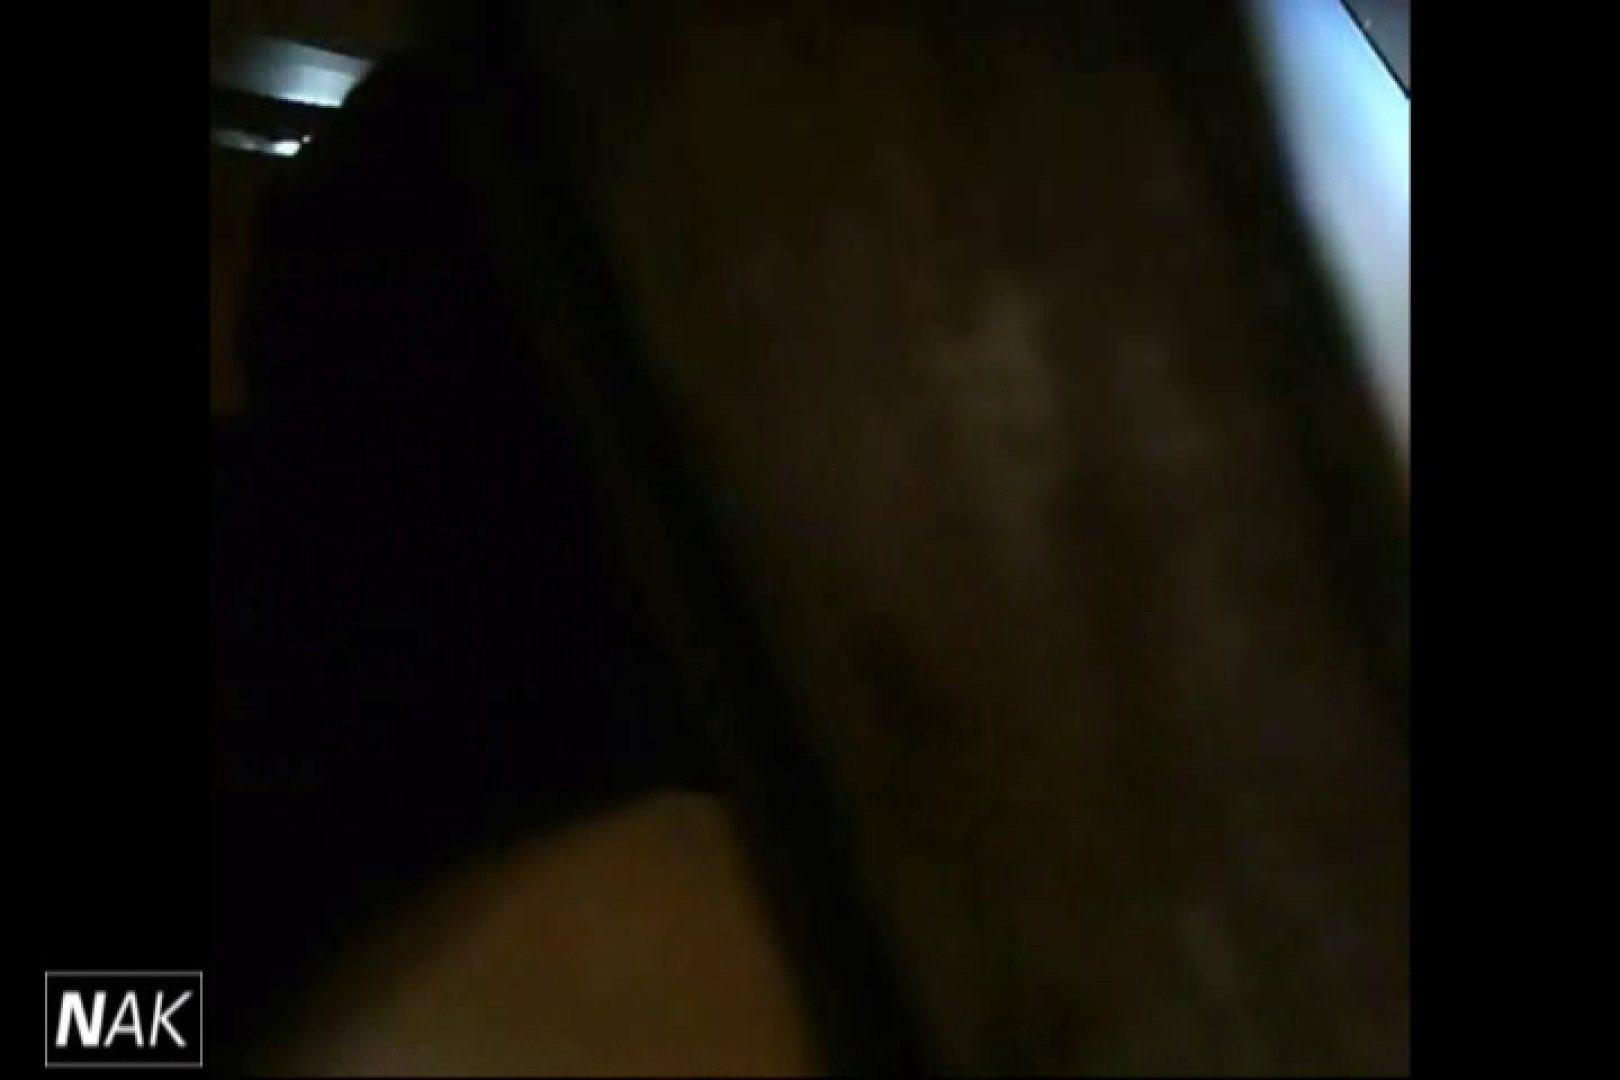 せん八さんの厠観察日記!2点監視カメラ 高画質5000K vol.14 お姉さん丸裸 AV無料動画キャプチャ 99pic 8